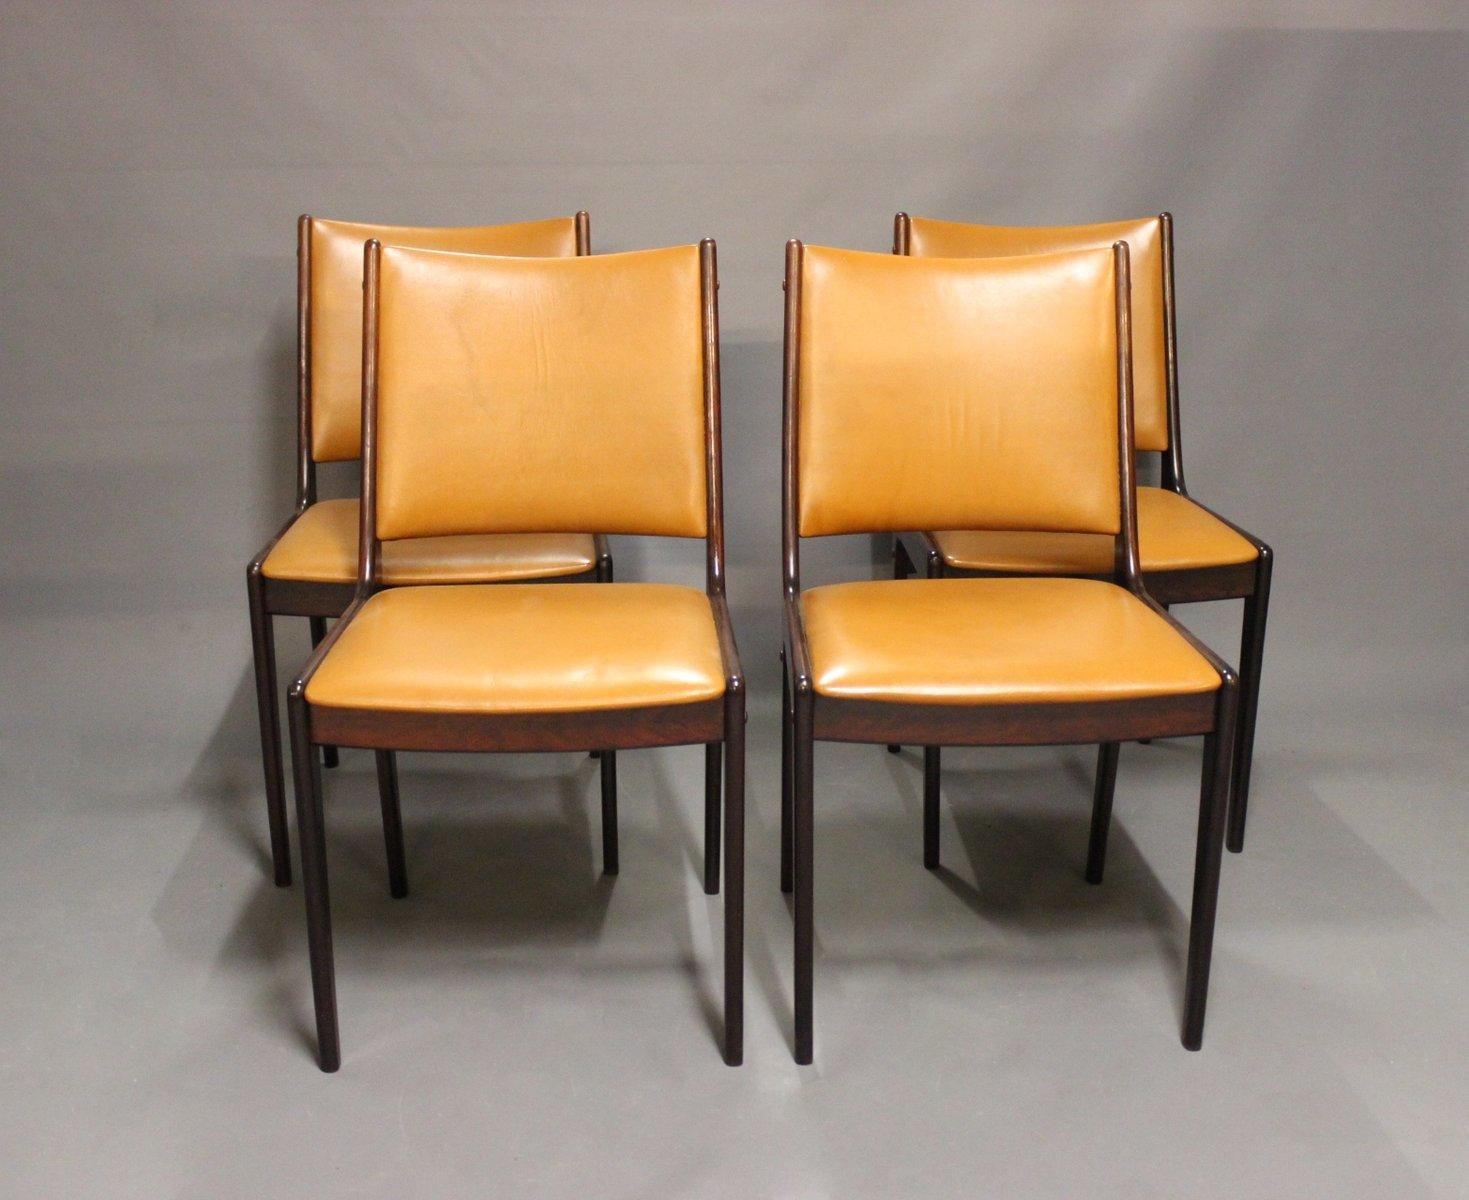 Chaises de salle manger en cuir cognac acajou 1960s for Salle a manger en solde